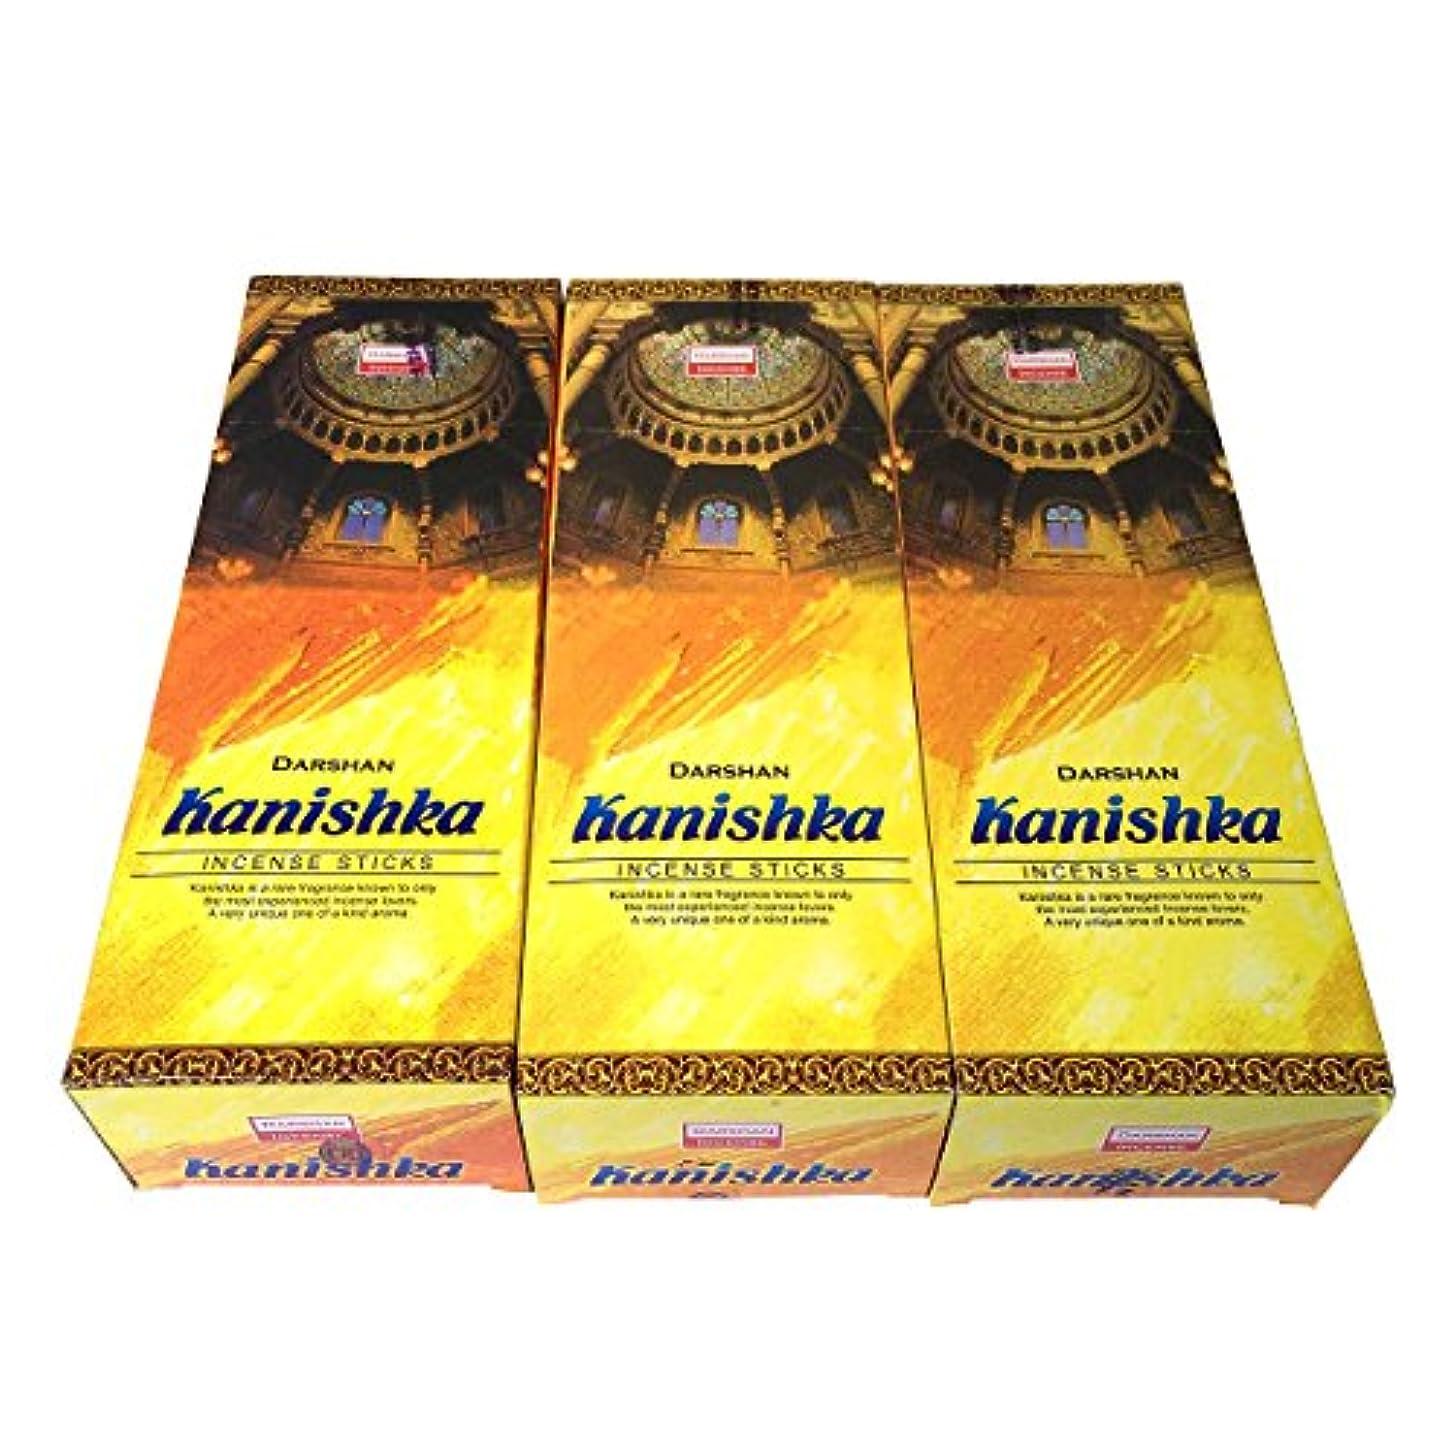 消す人に関する限り妊娠したカニシュカ香スティック 3BOX(18箱) /DARSHAN KANISHKA/インセンス/インド香 お香 [並行輸入品]